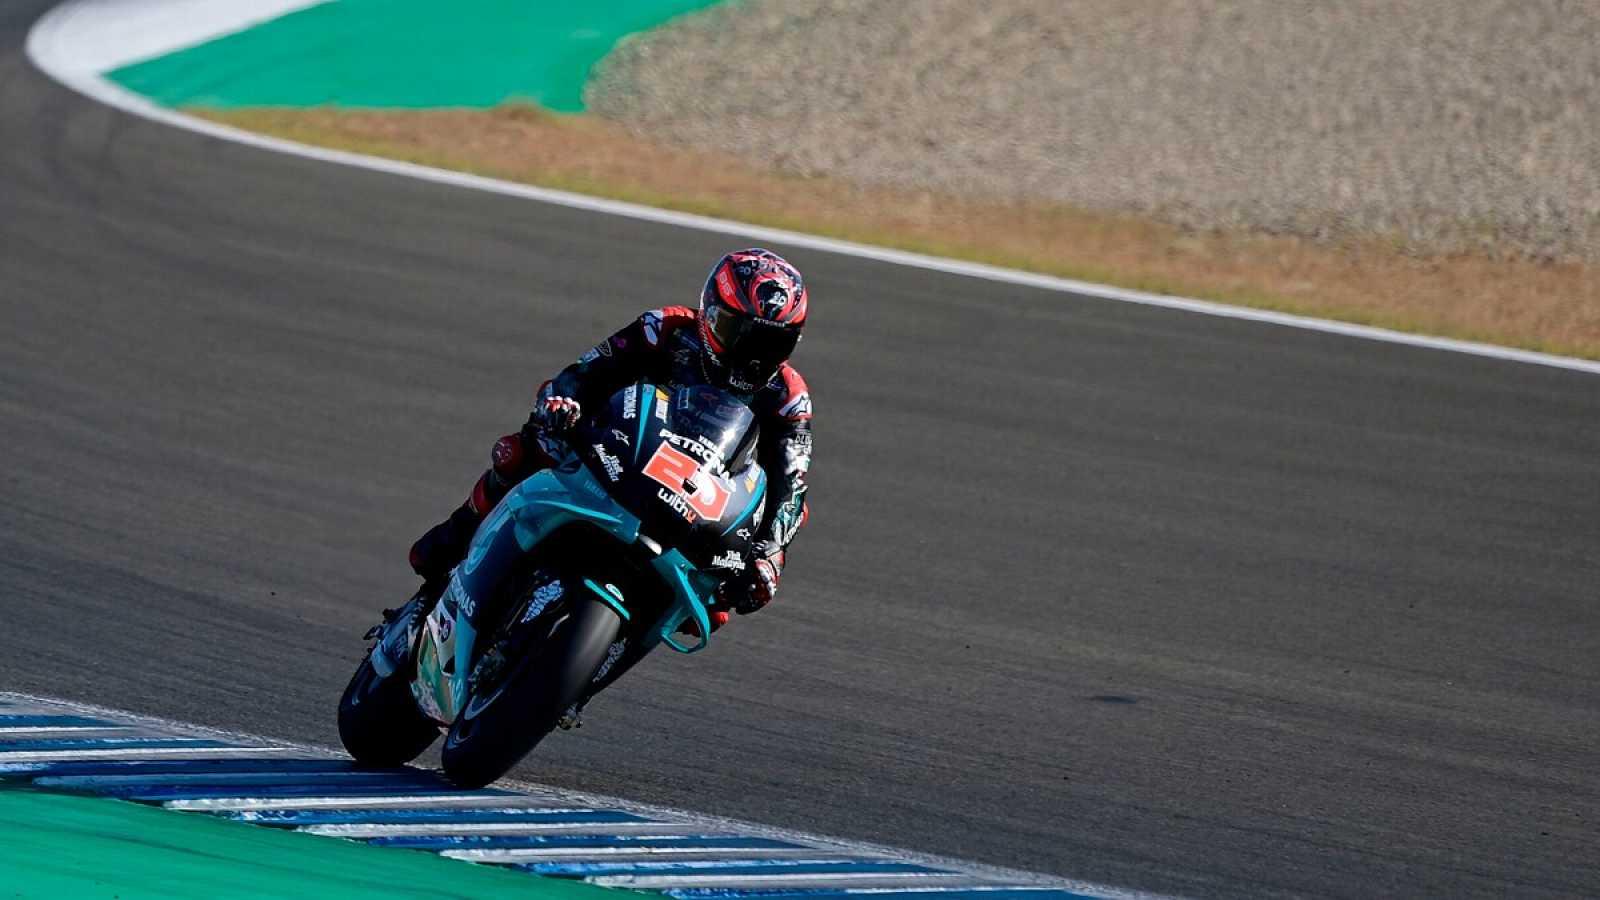 Imagen: Fabio Quartararo rueda en el circuito Ángel Nieto de Jerez